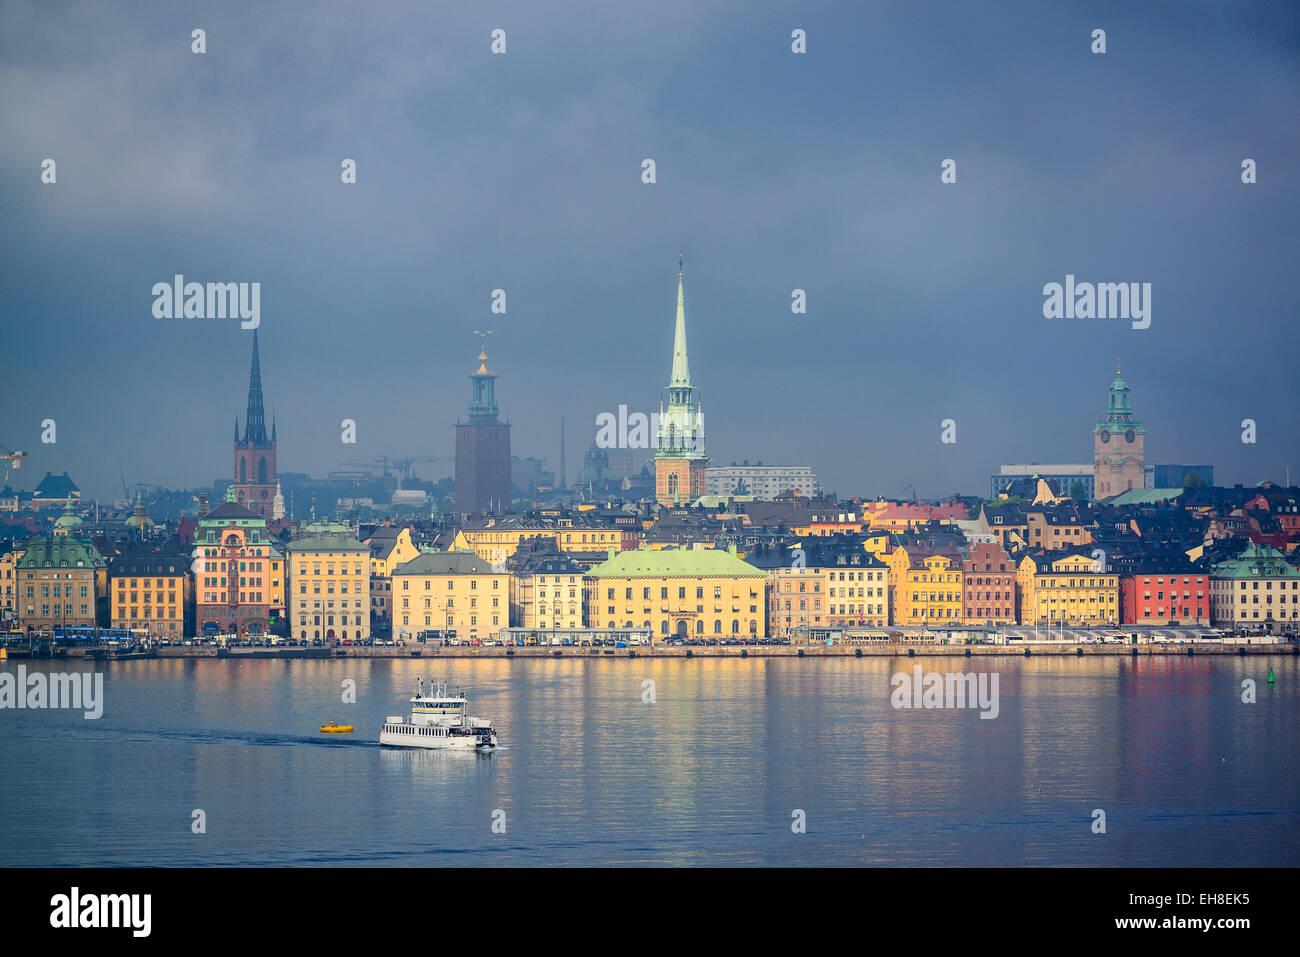 Skyline von Stockholm, Schweden. Stockbild